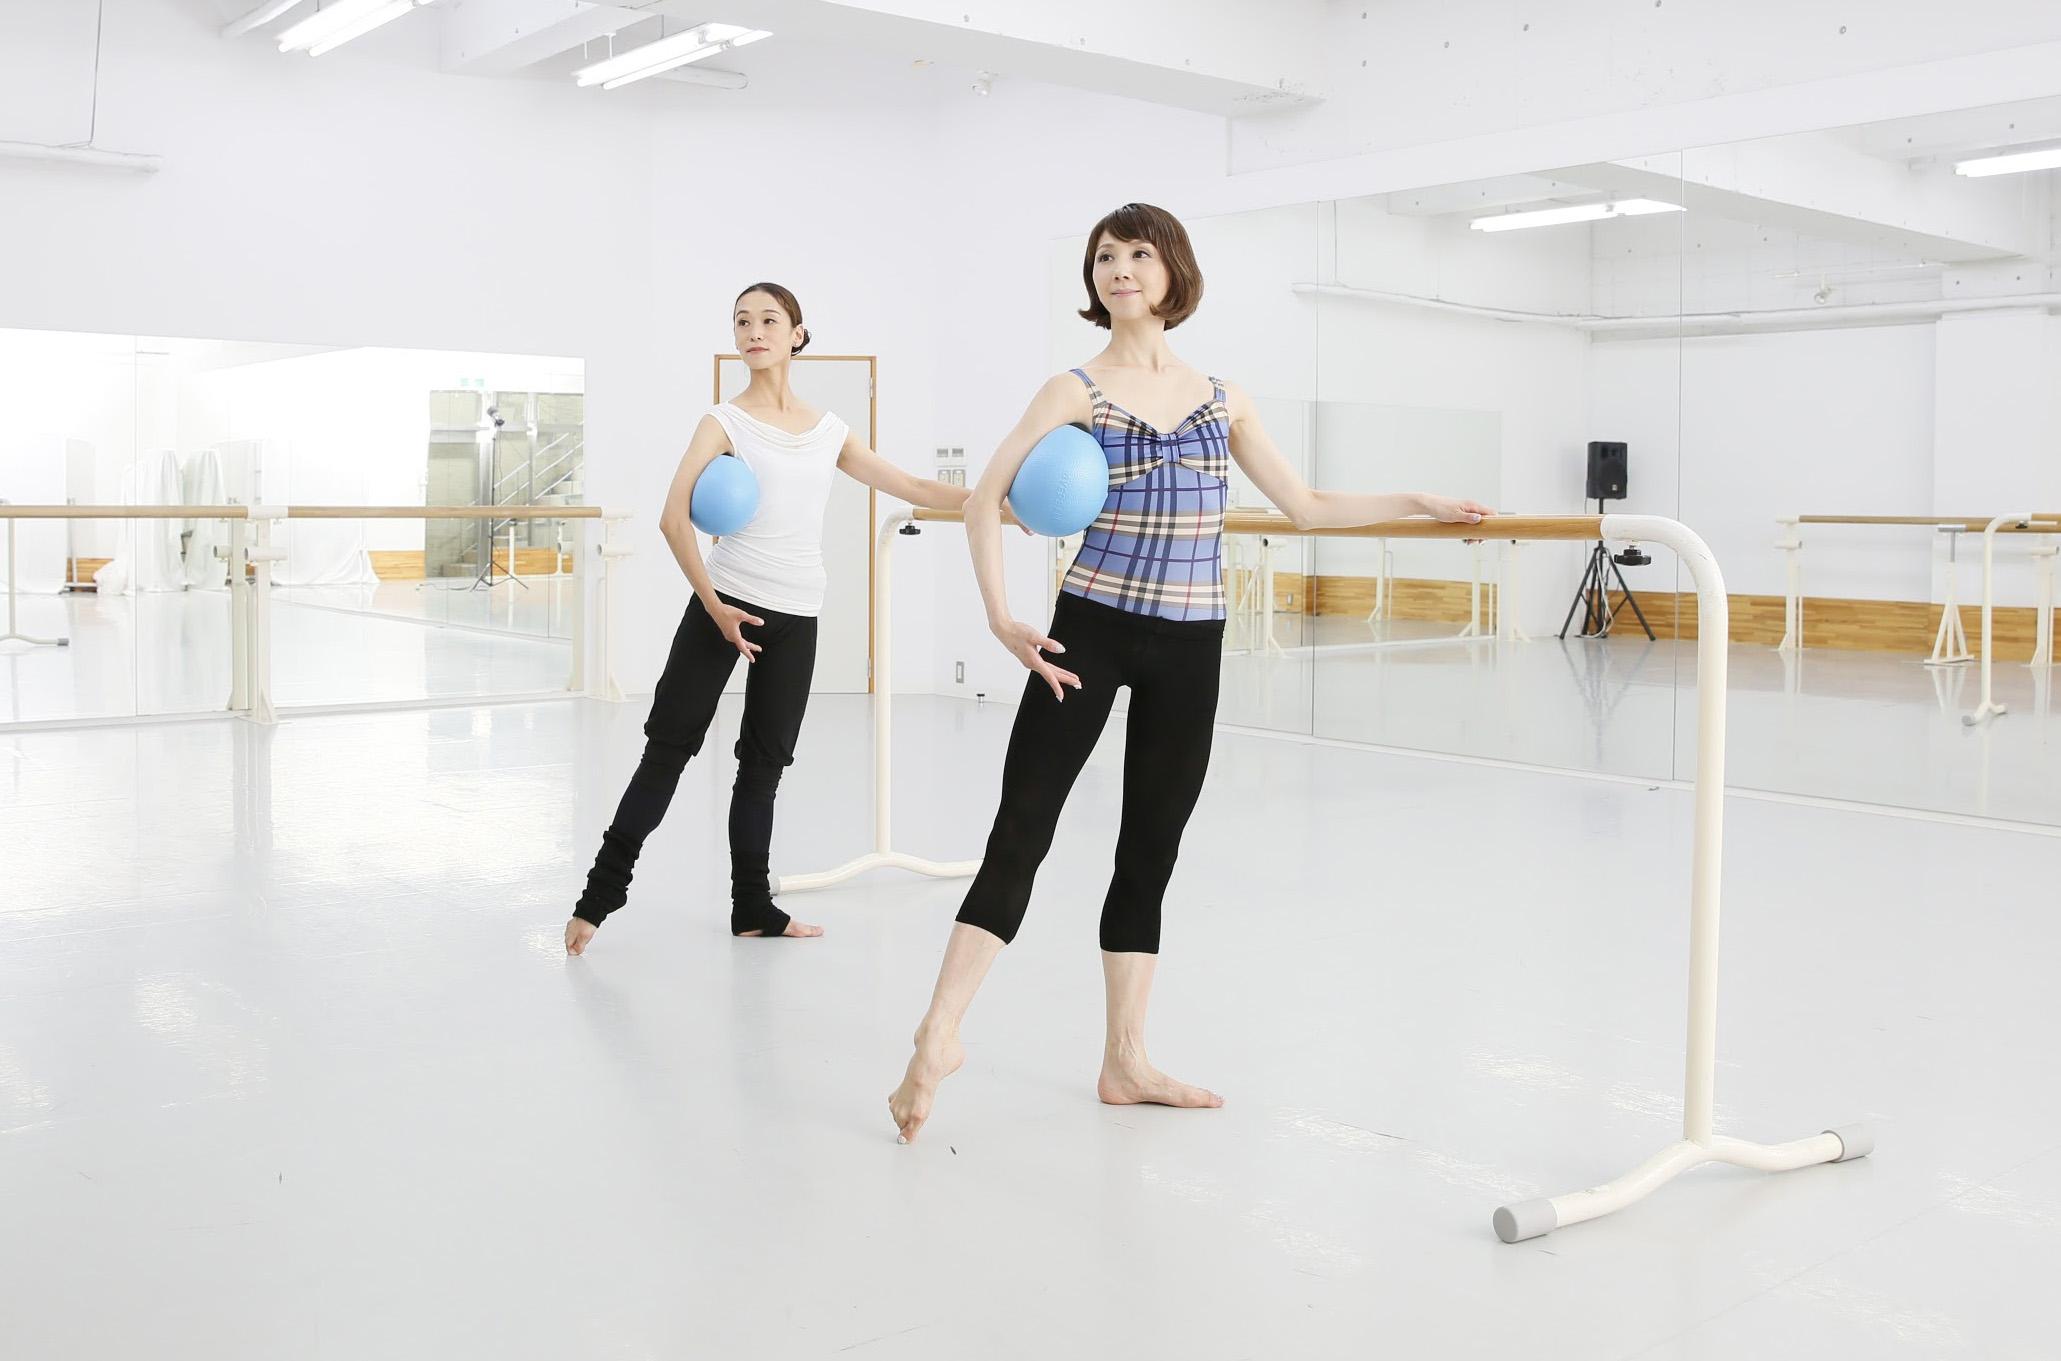 記事「ここでしか受けられない! ダンサー・バレリーナのためのボールエクササイズクラス!!」の画像